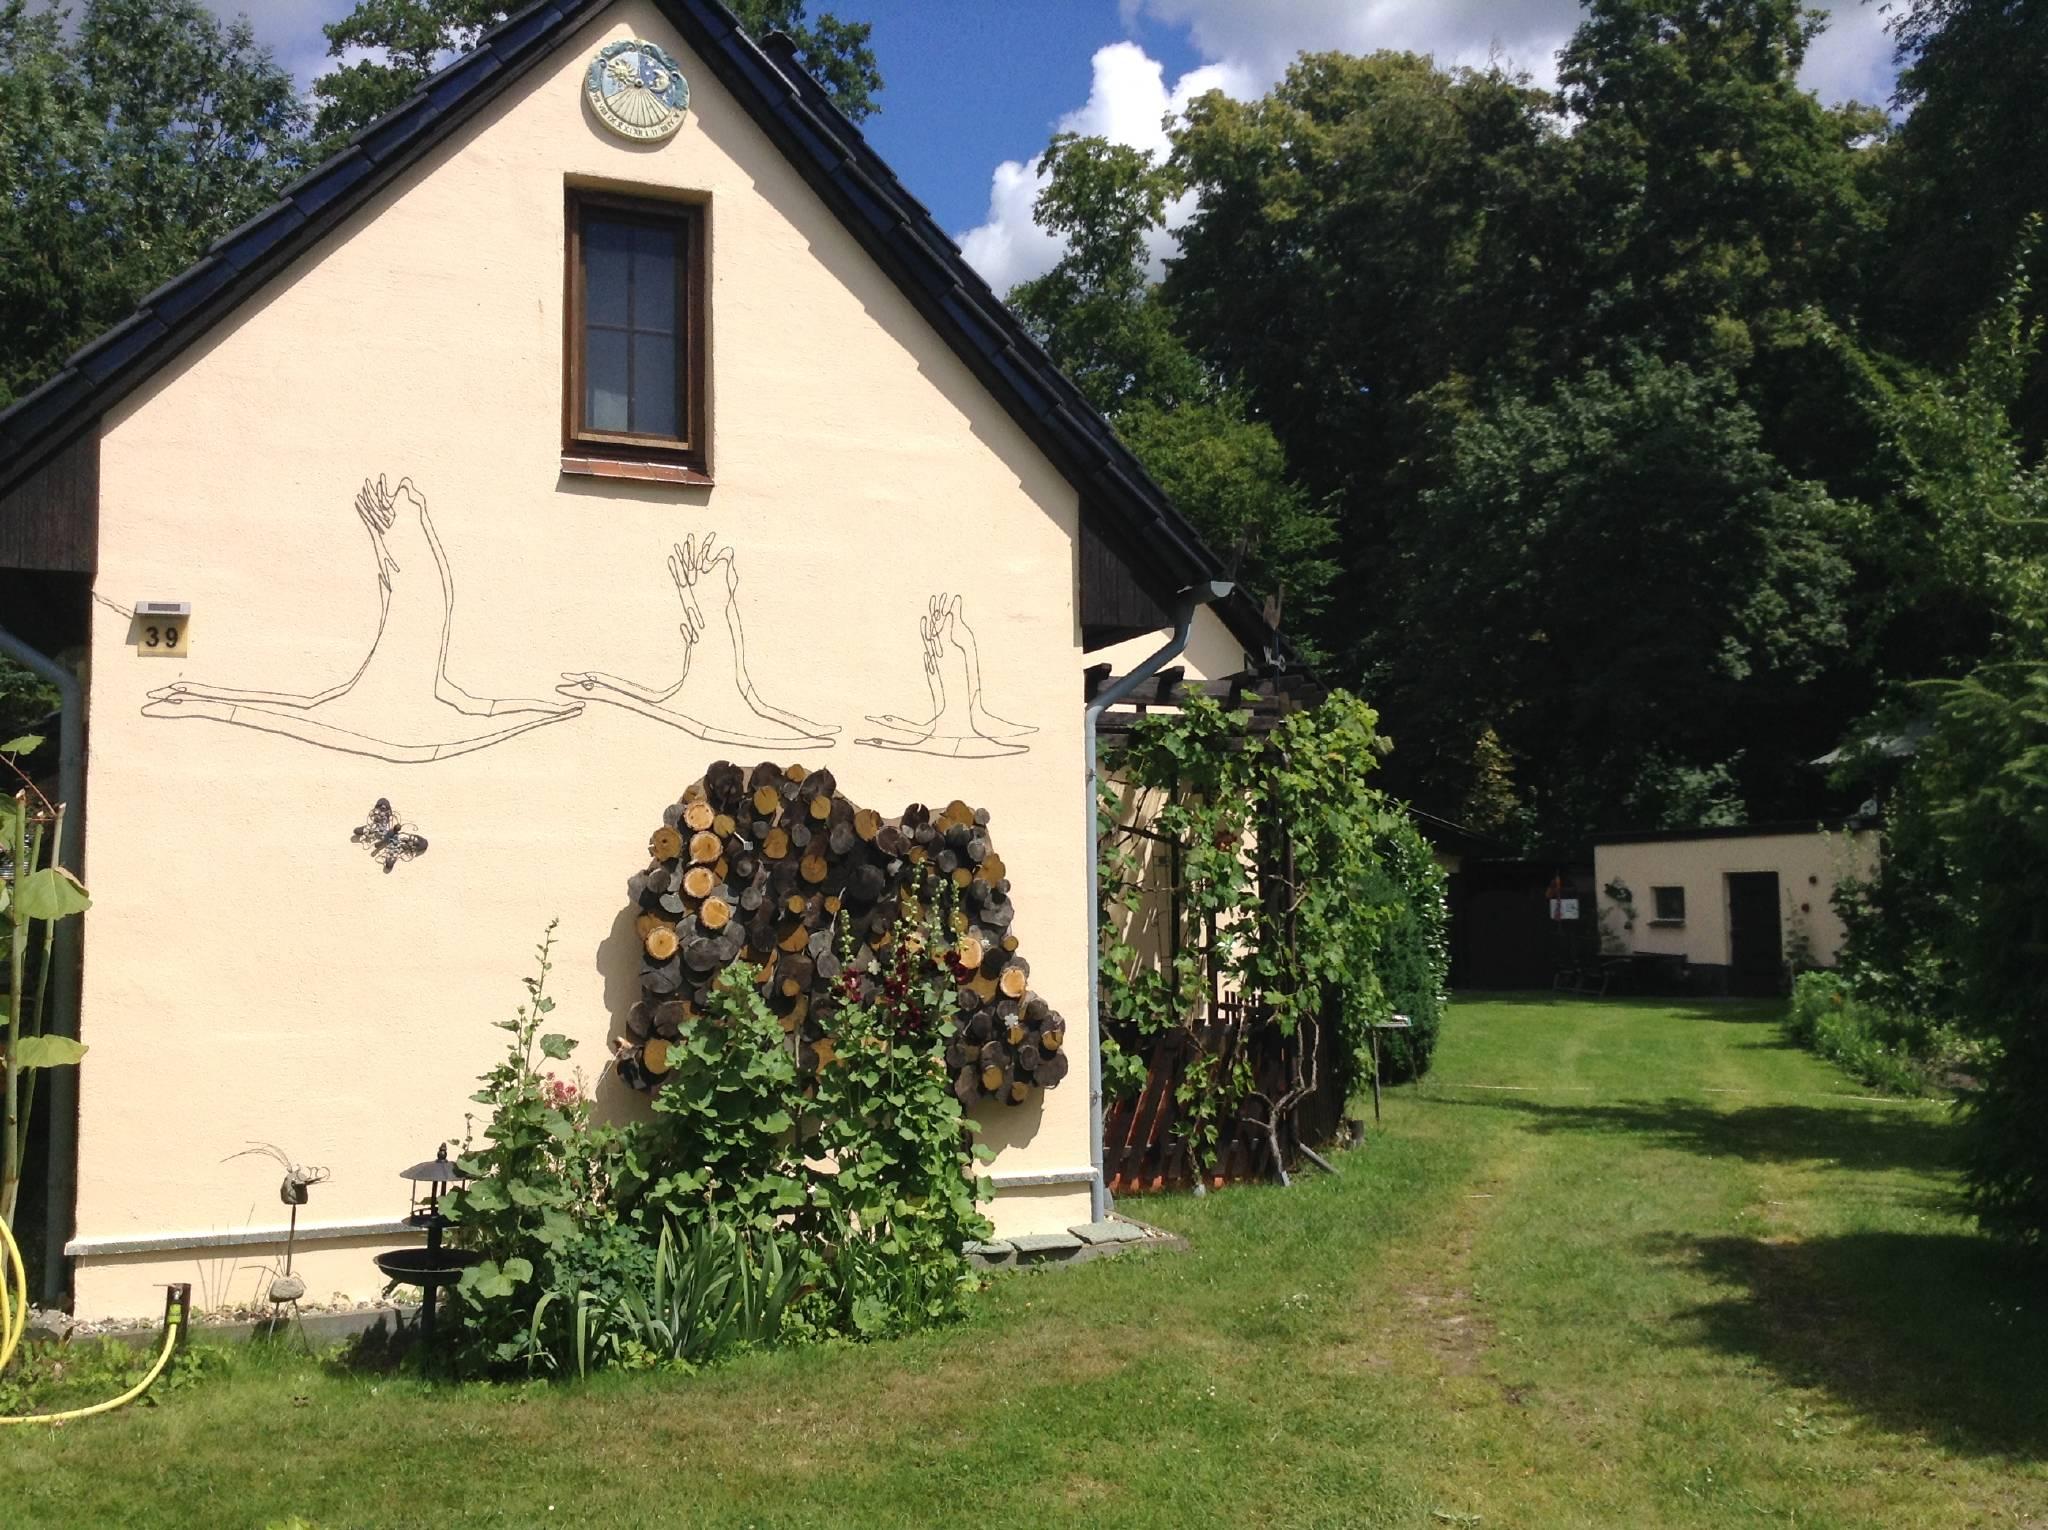 Einfahrt z. Ferienhaus in den Gutspark